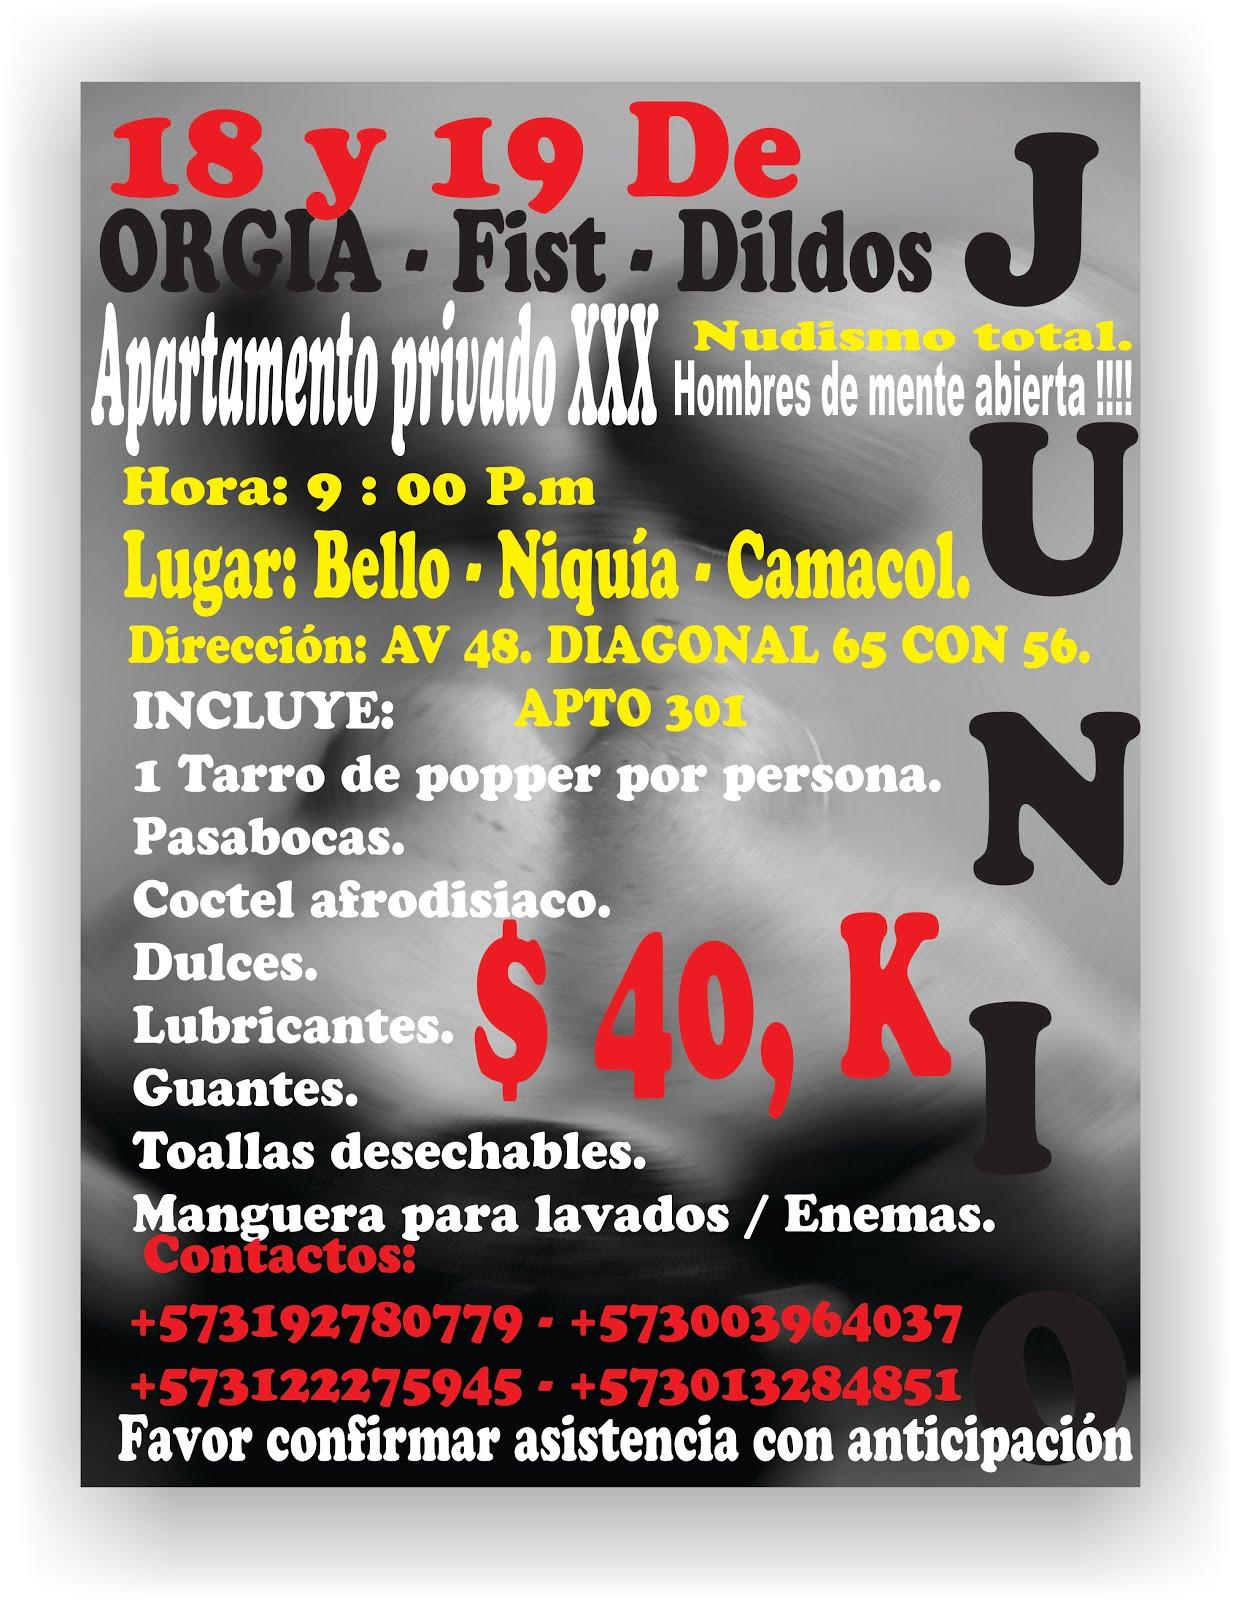 Medellin !!!! ACTIVOS, PASIVOS, VERSATILES !!!! CORDIALMENTE: Son Bienvenidos ………………. En Kueros !!!